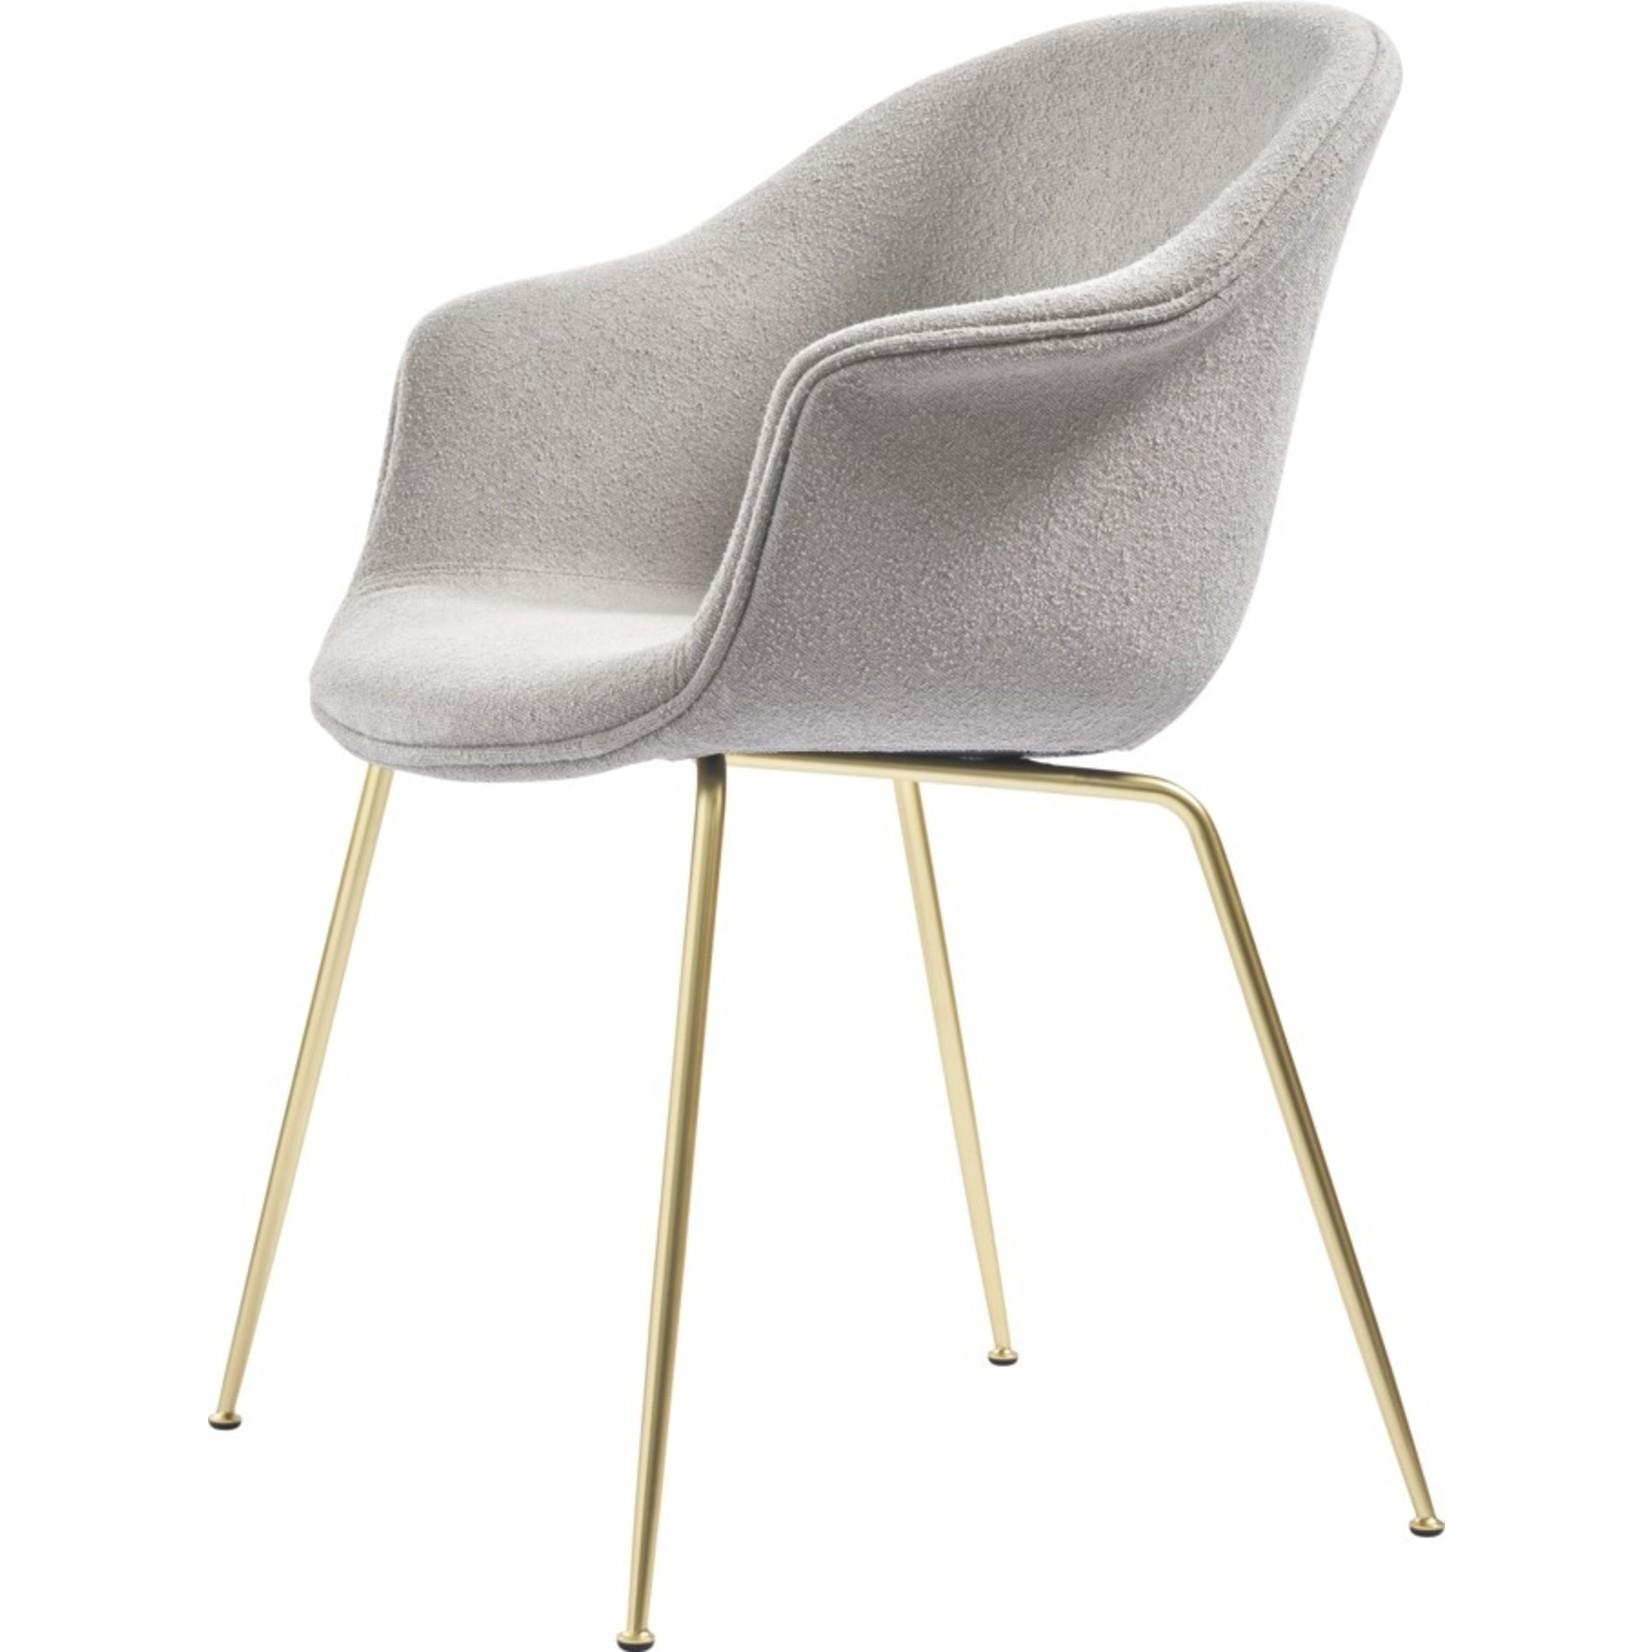 Gubi Bat Dining Chair   Light Bouclé 008 & Brass Semi Matt Base